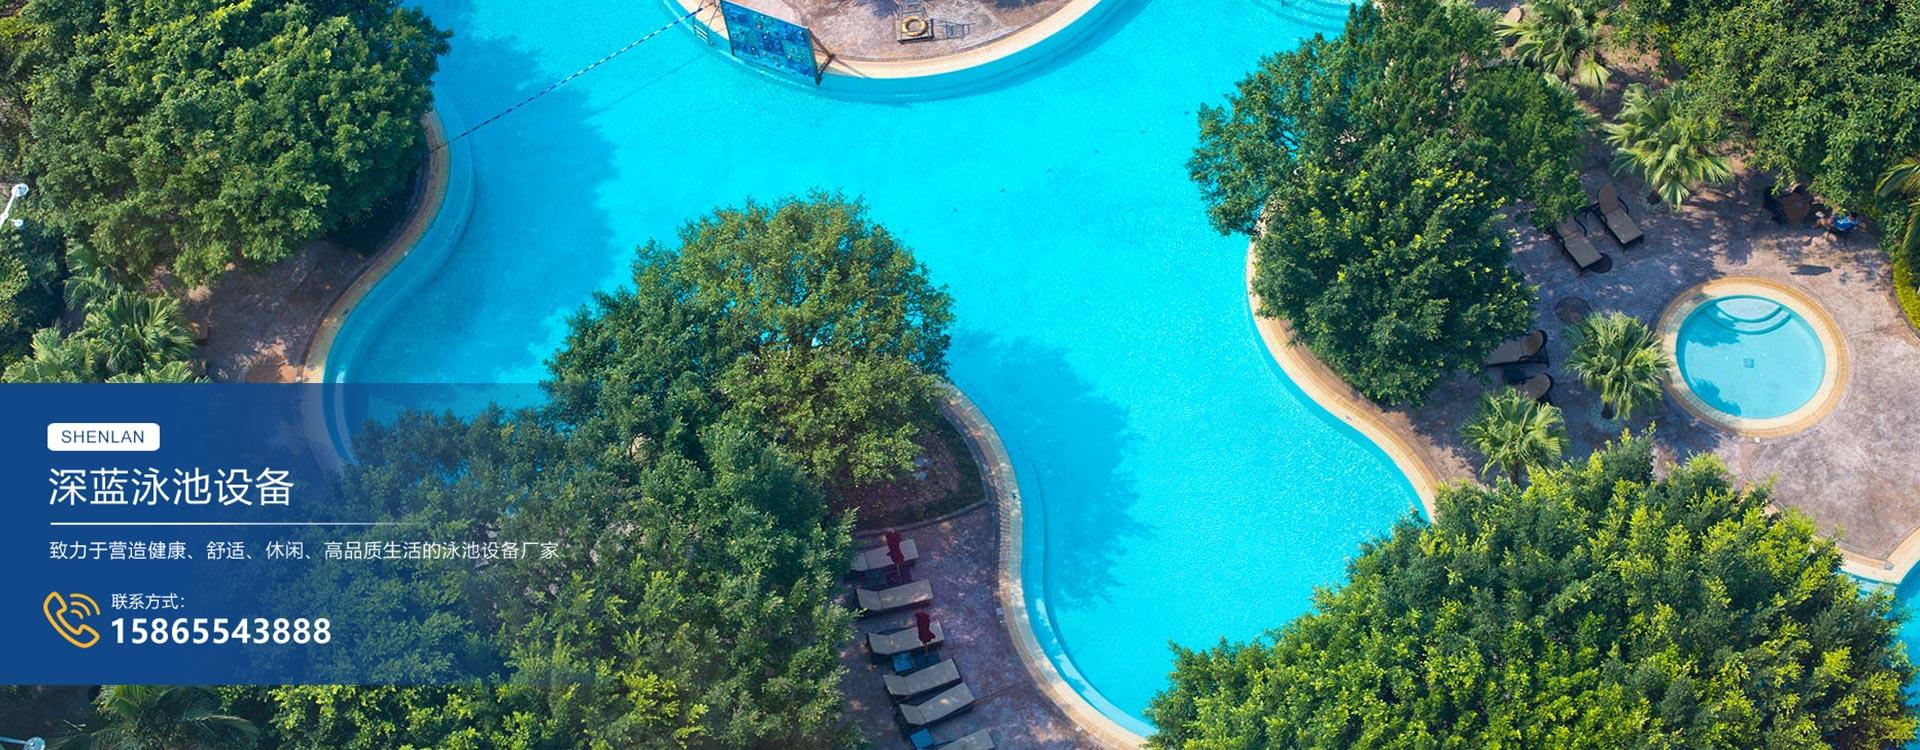 泳池无氯消毒设备